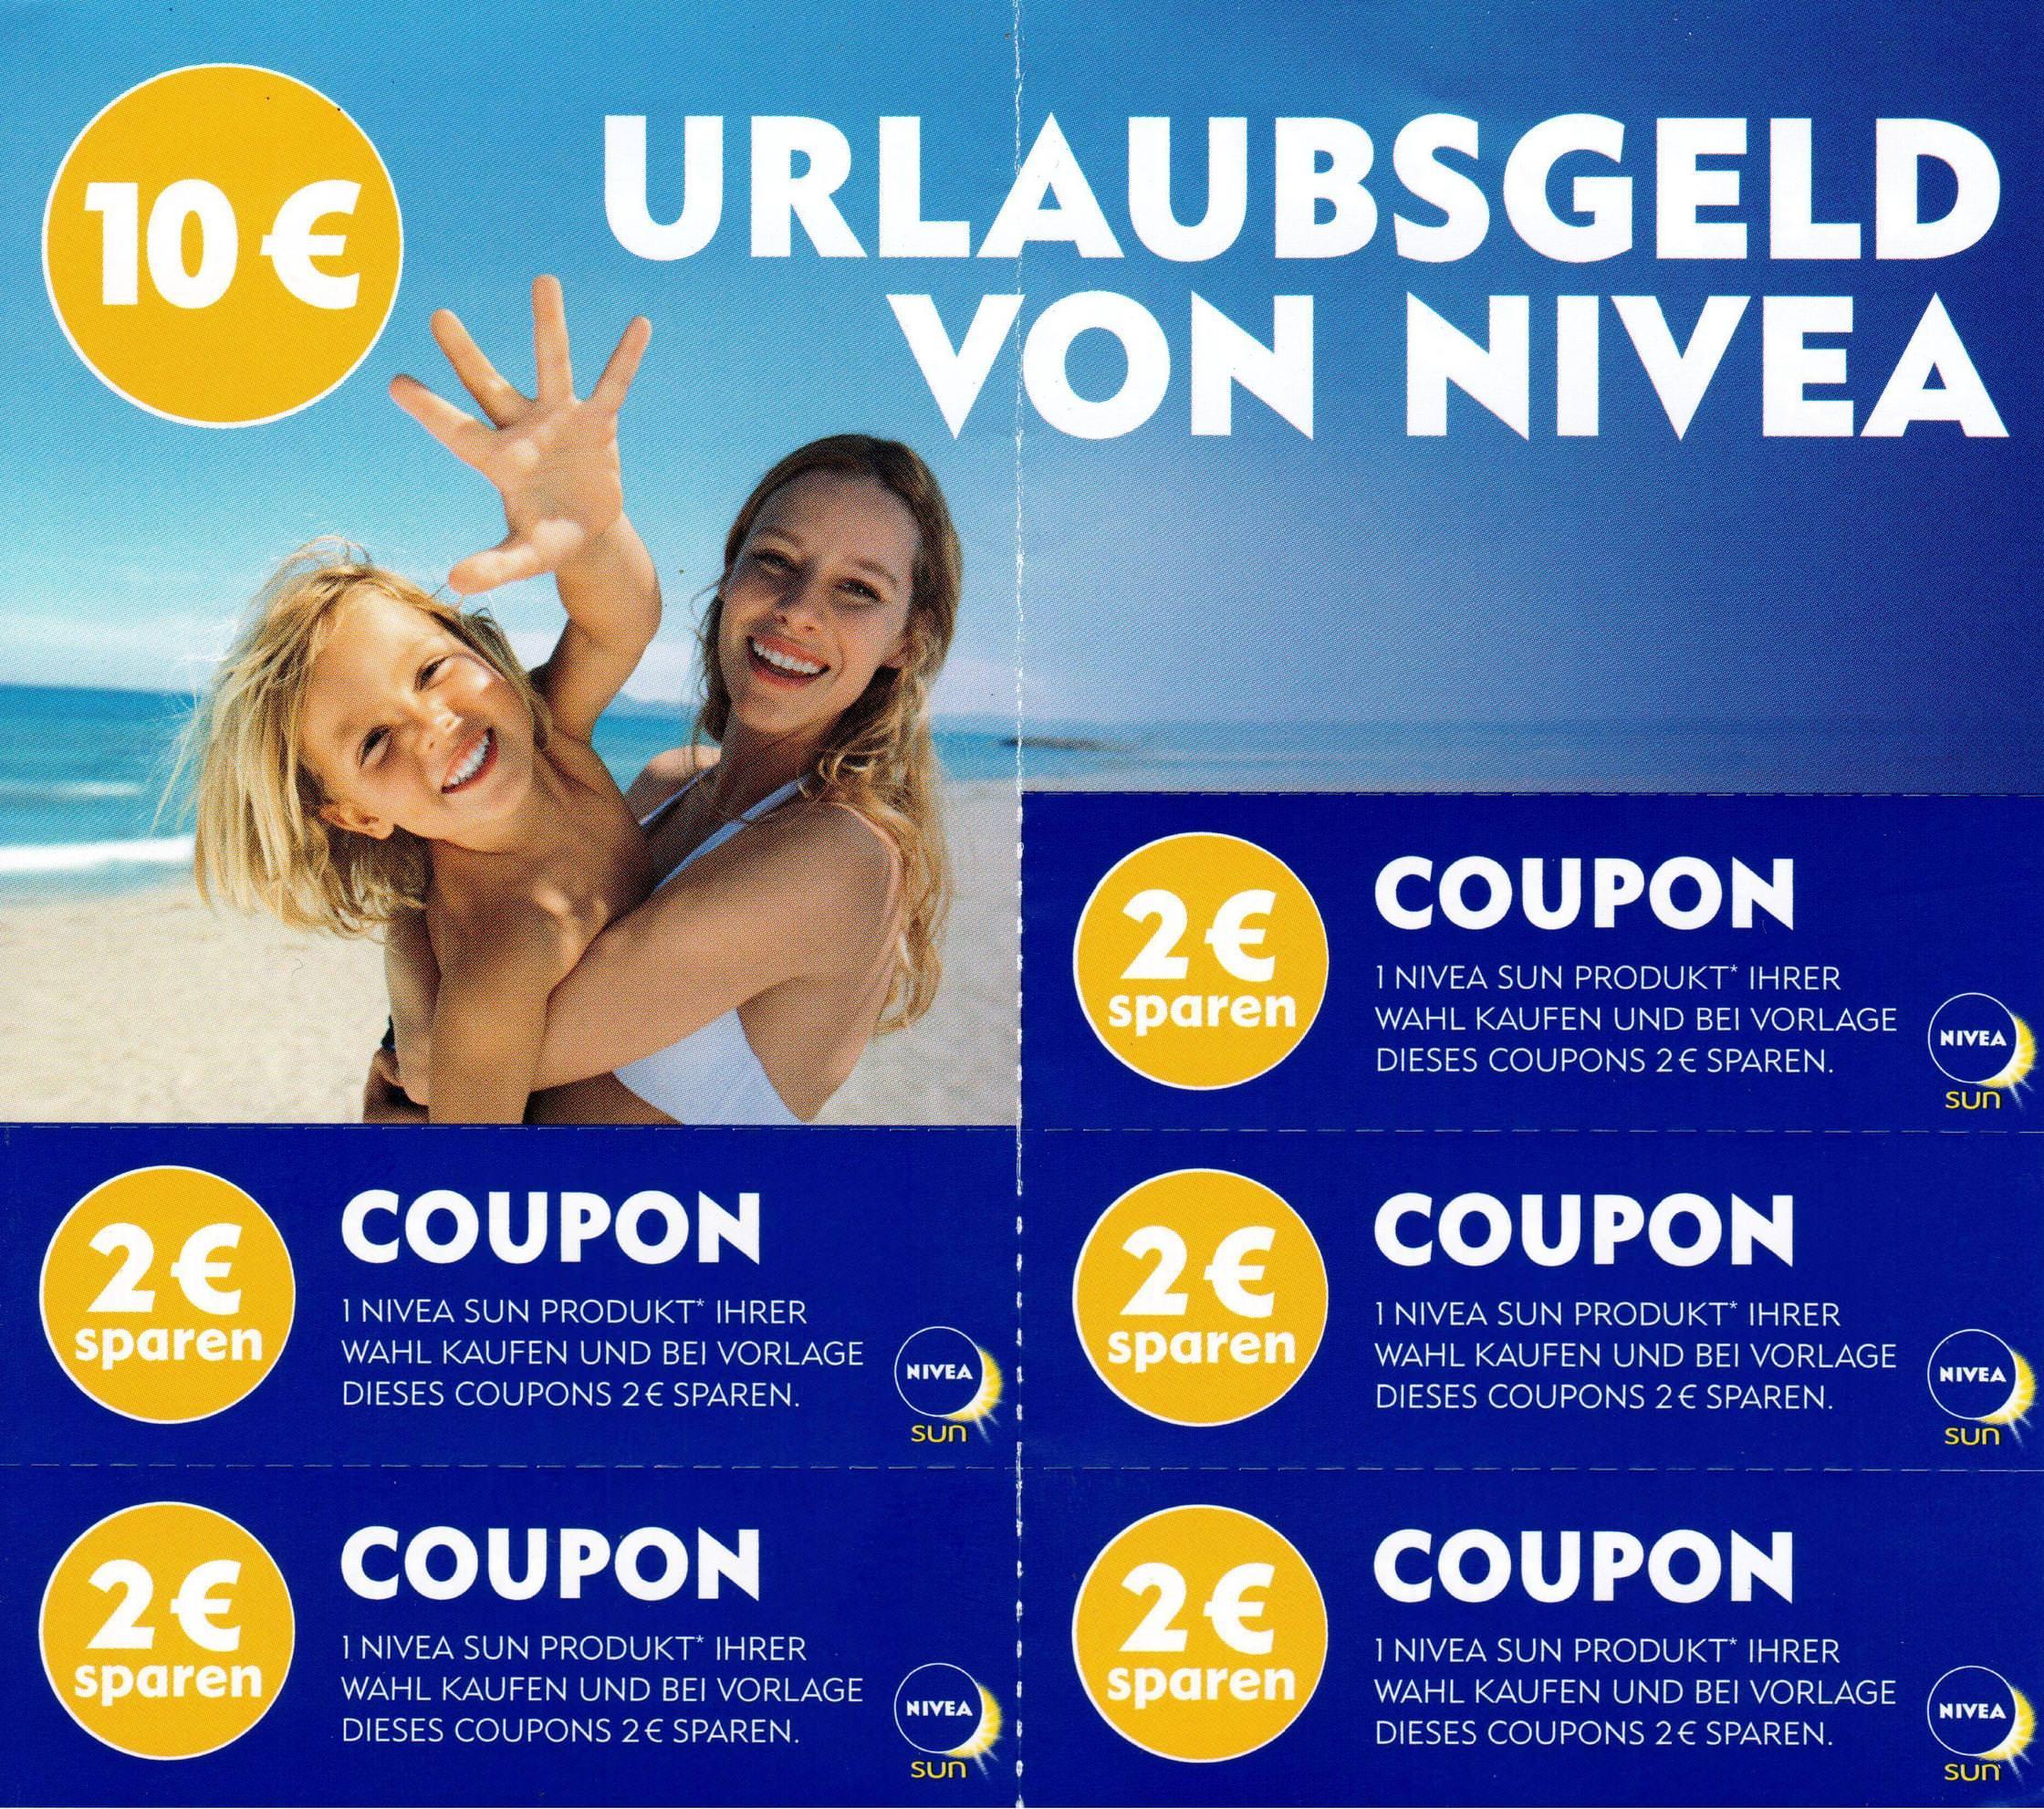 2,00€ Nivea Urlaubsgeld für ein Nivea Sun Produkt (weitere EAN) bis 12.08.2017 [bundesweit]